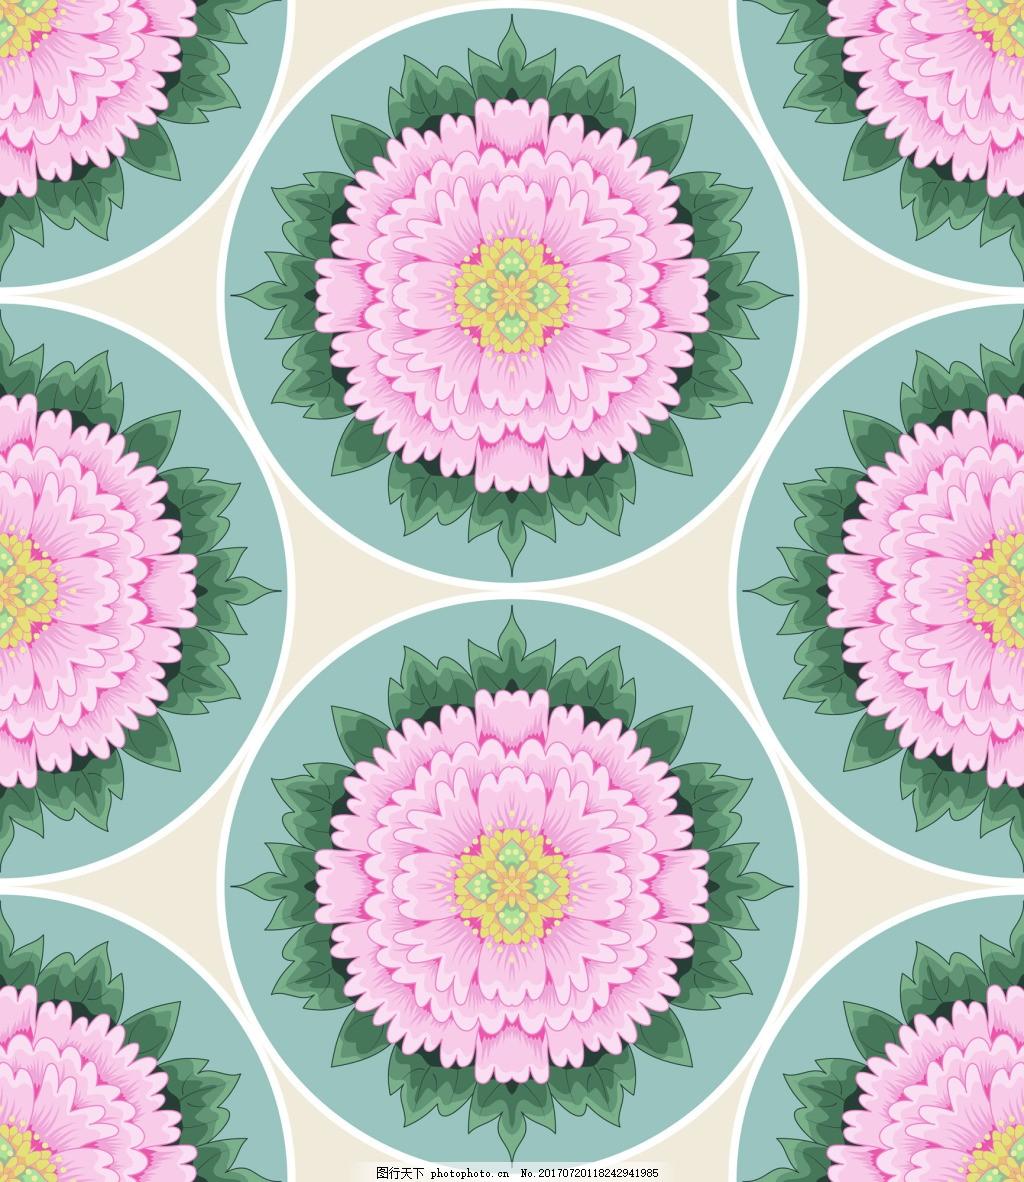 圆形俯视牡丹花图形花纹vi设计矢量合集